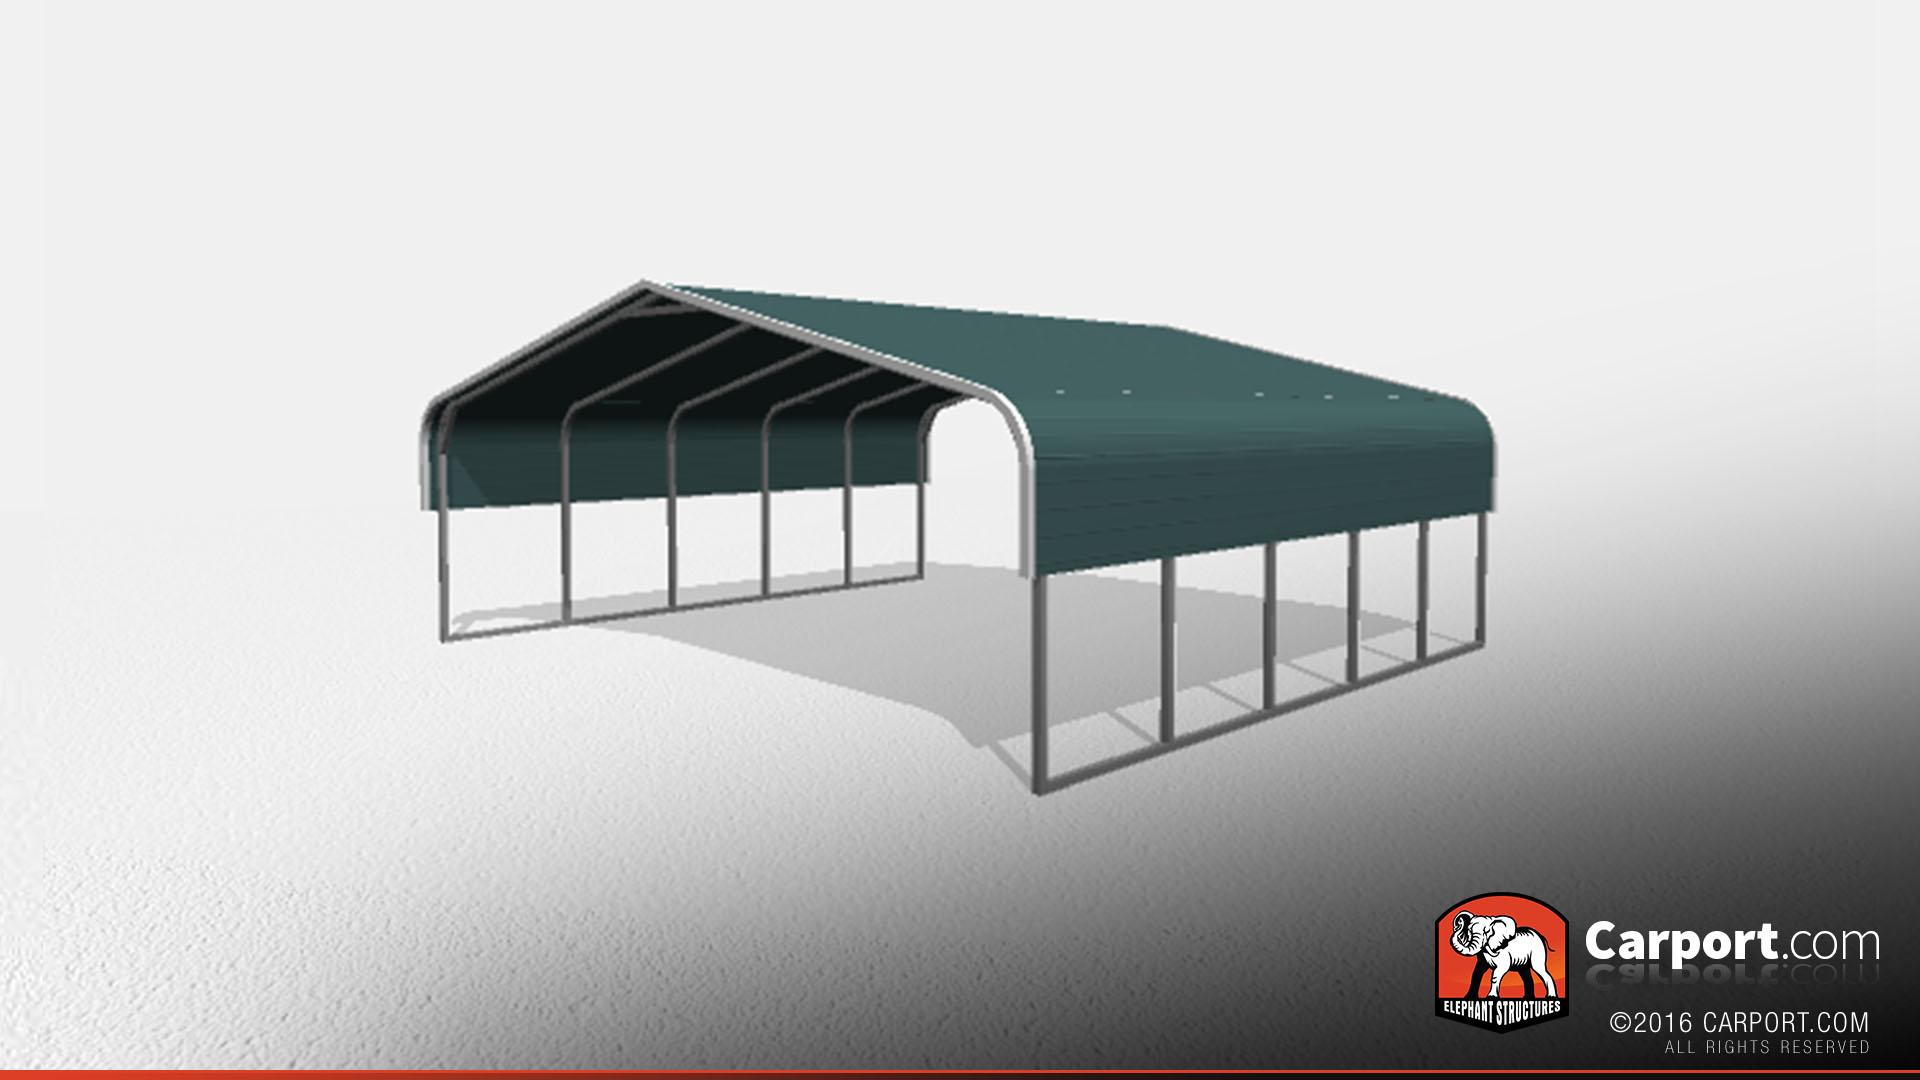 Two Car Metal Carport 24 X 21 X 7 Shop Carports Online